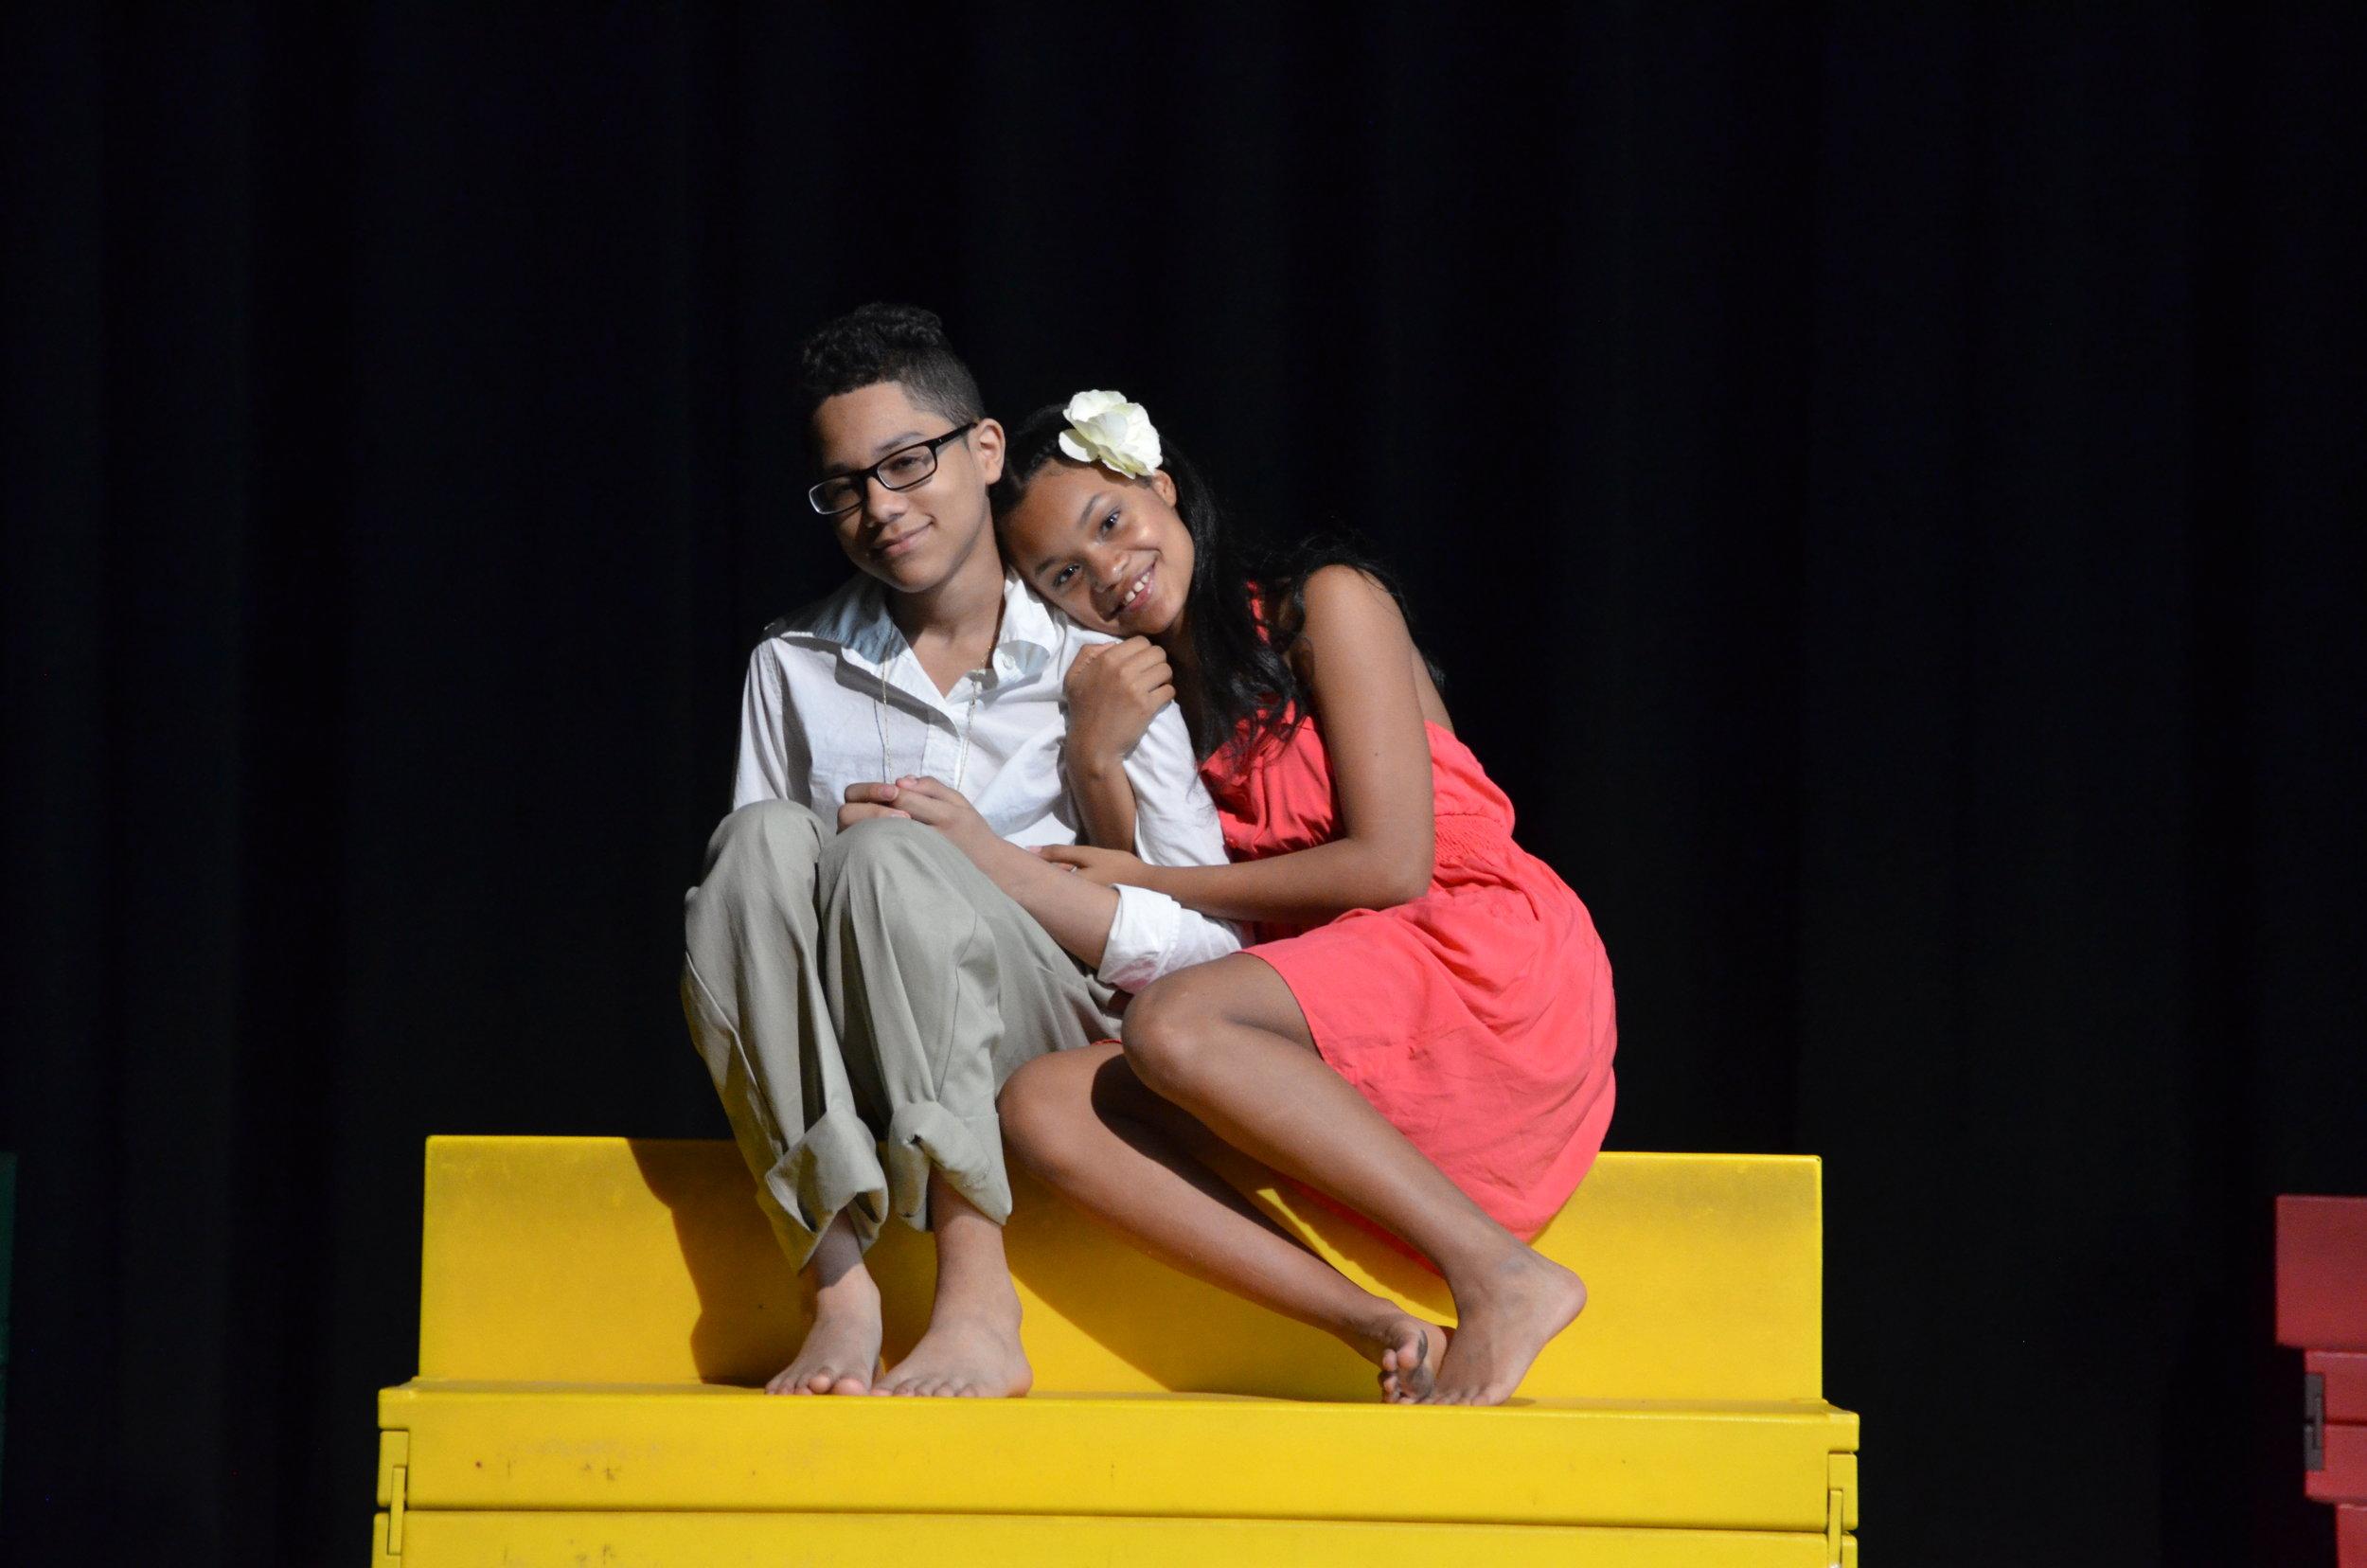 Ti Moune and her Daniel.